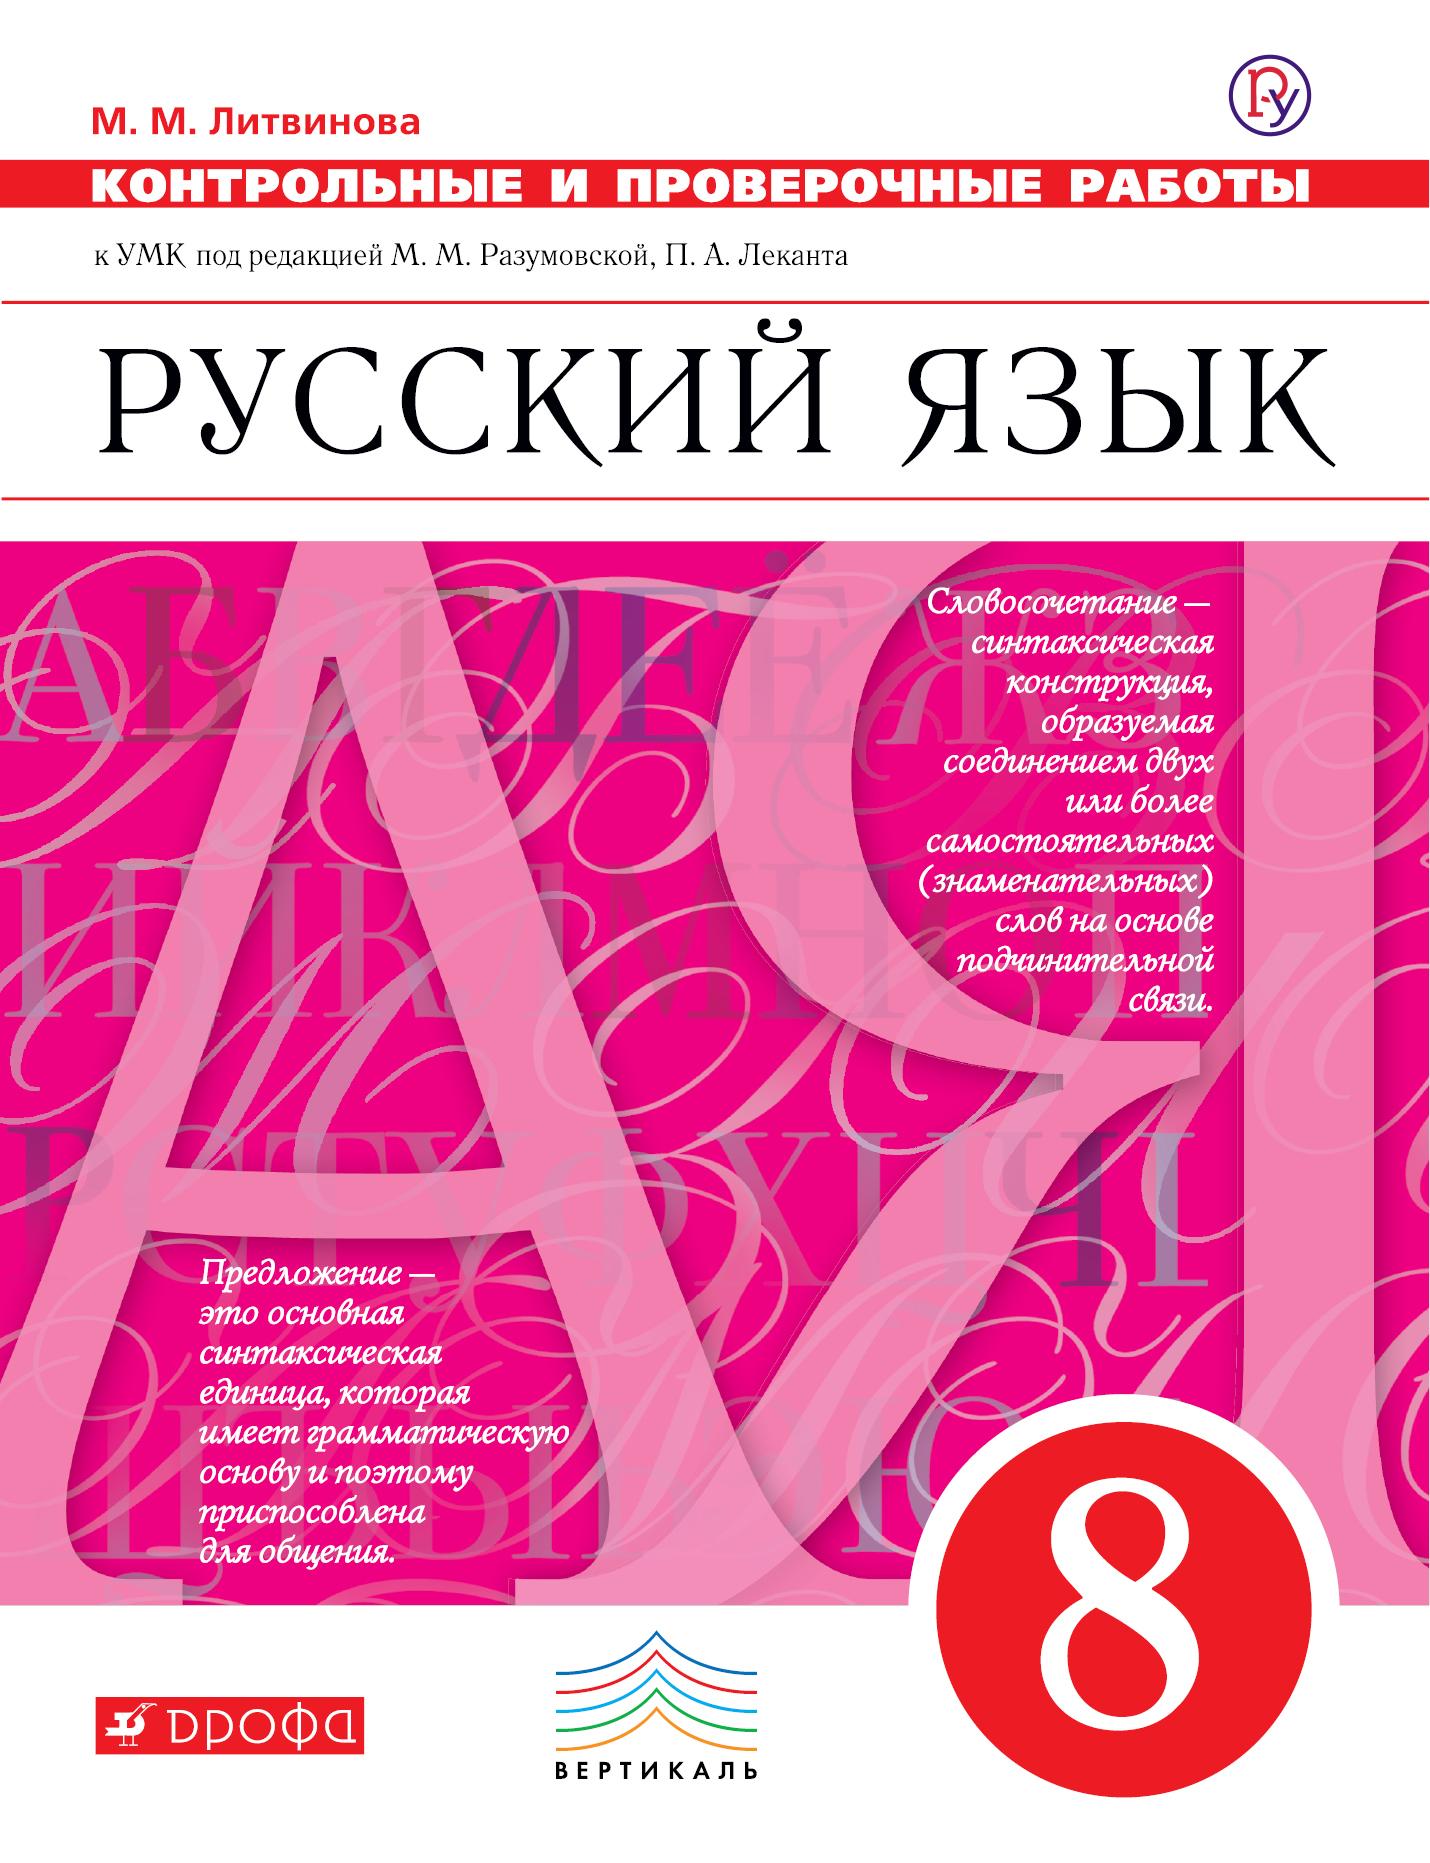 Гдз по русскому языку 8 класса разумовская дрофа 2018 года 14 издание